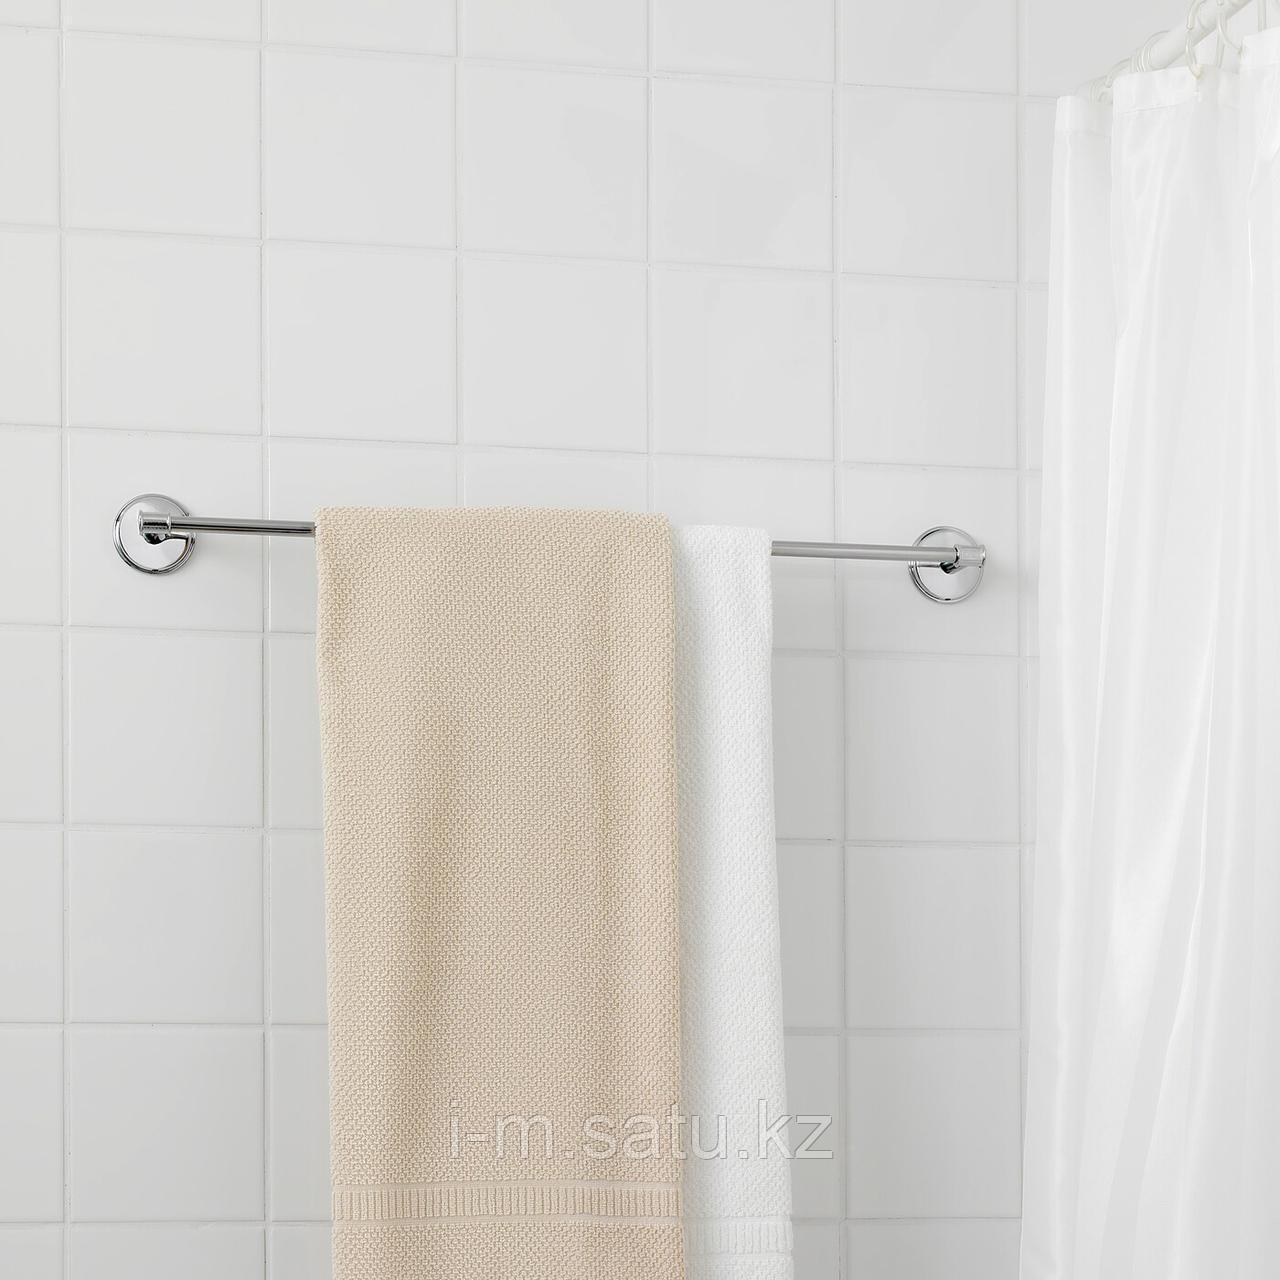 БАЛУНГЕН Штанга для полотенца, хромированный, 69 см